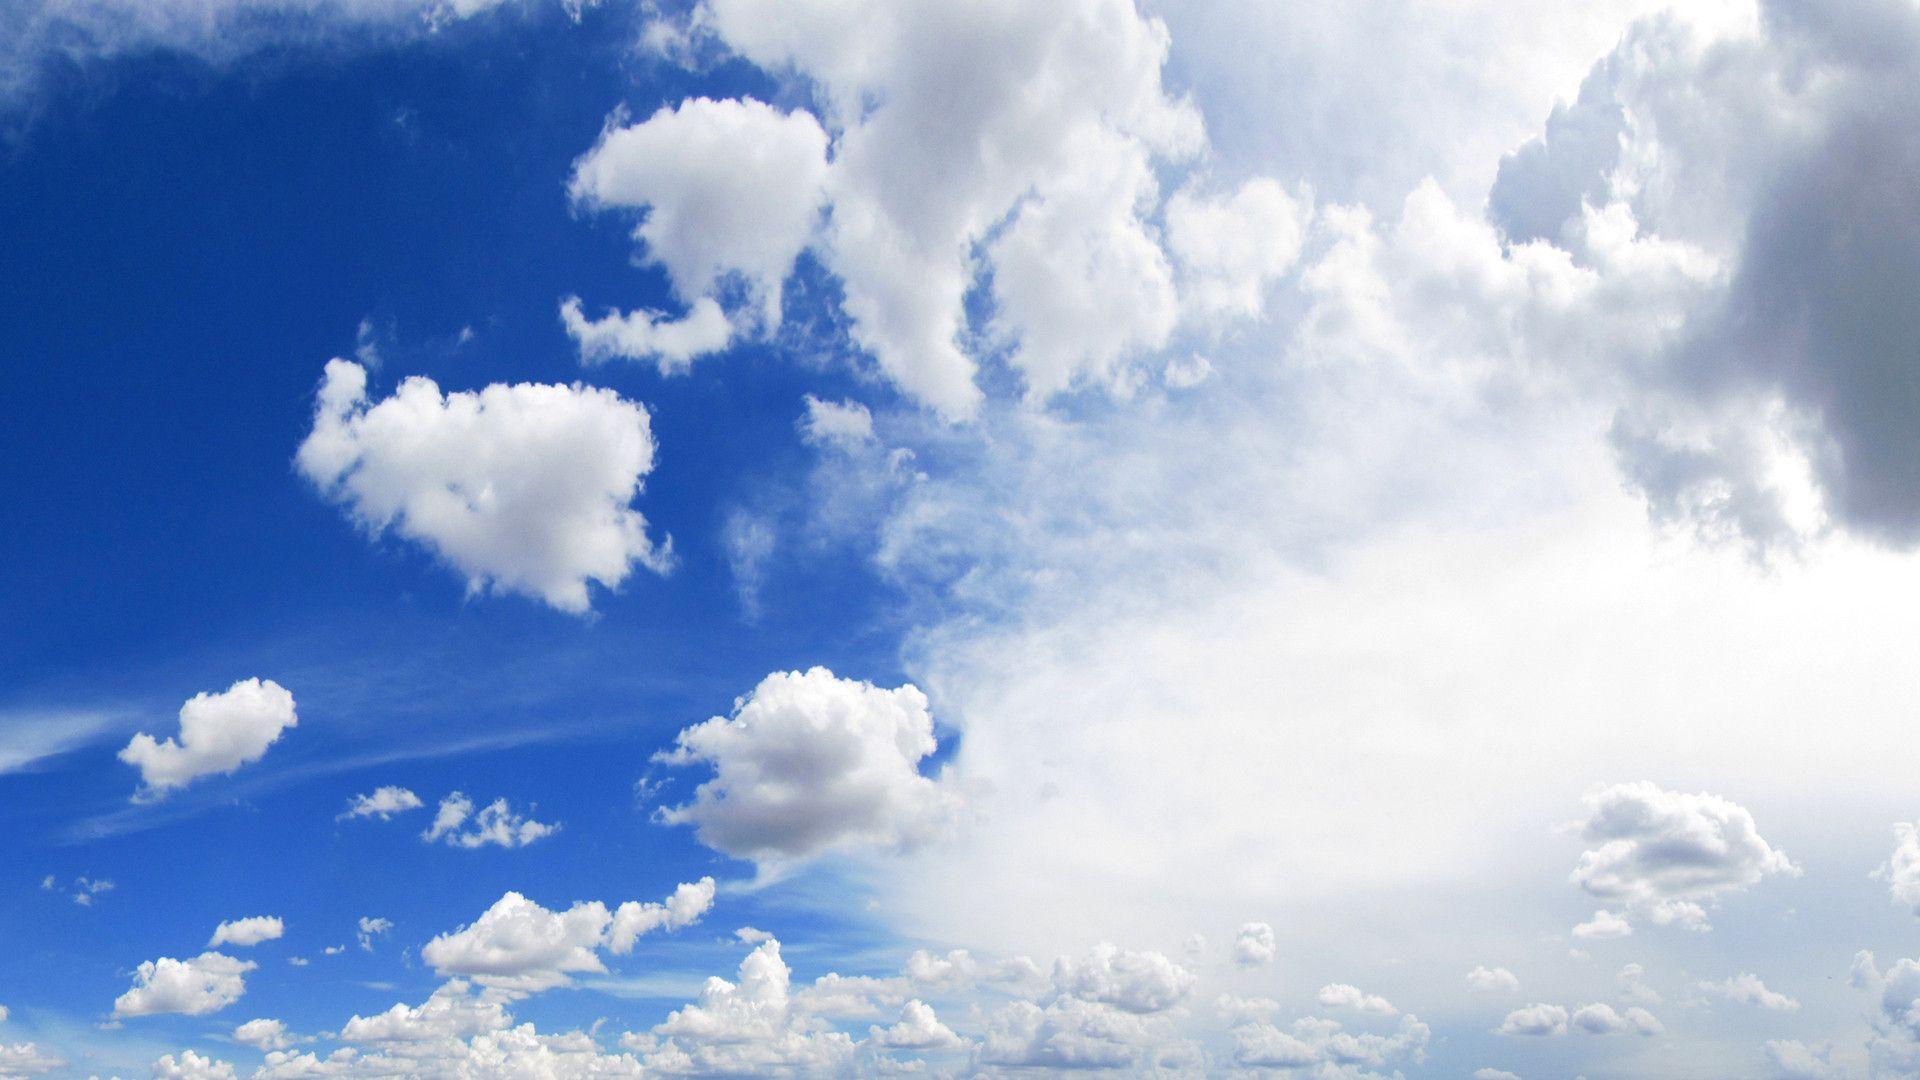 Cloud Desktop Backgrounds 1920x1080